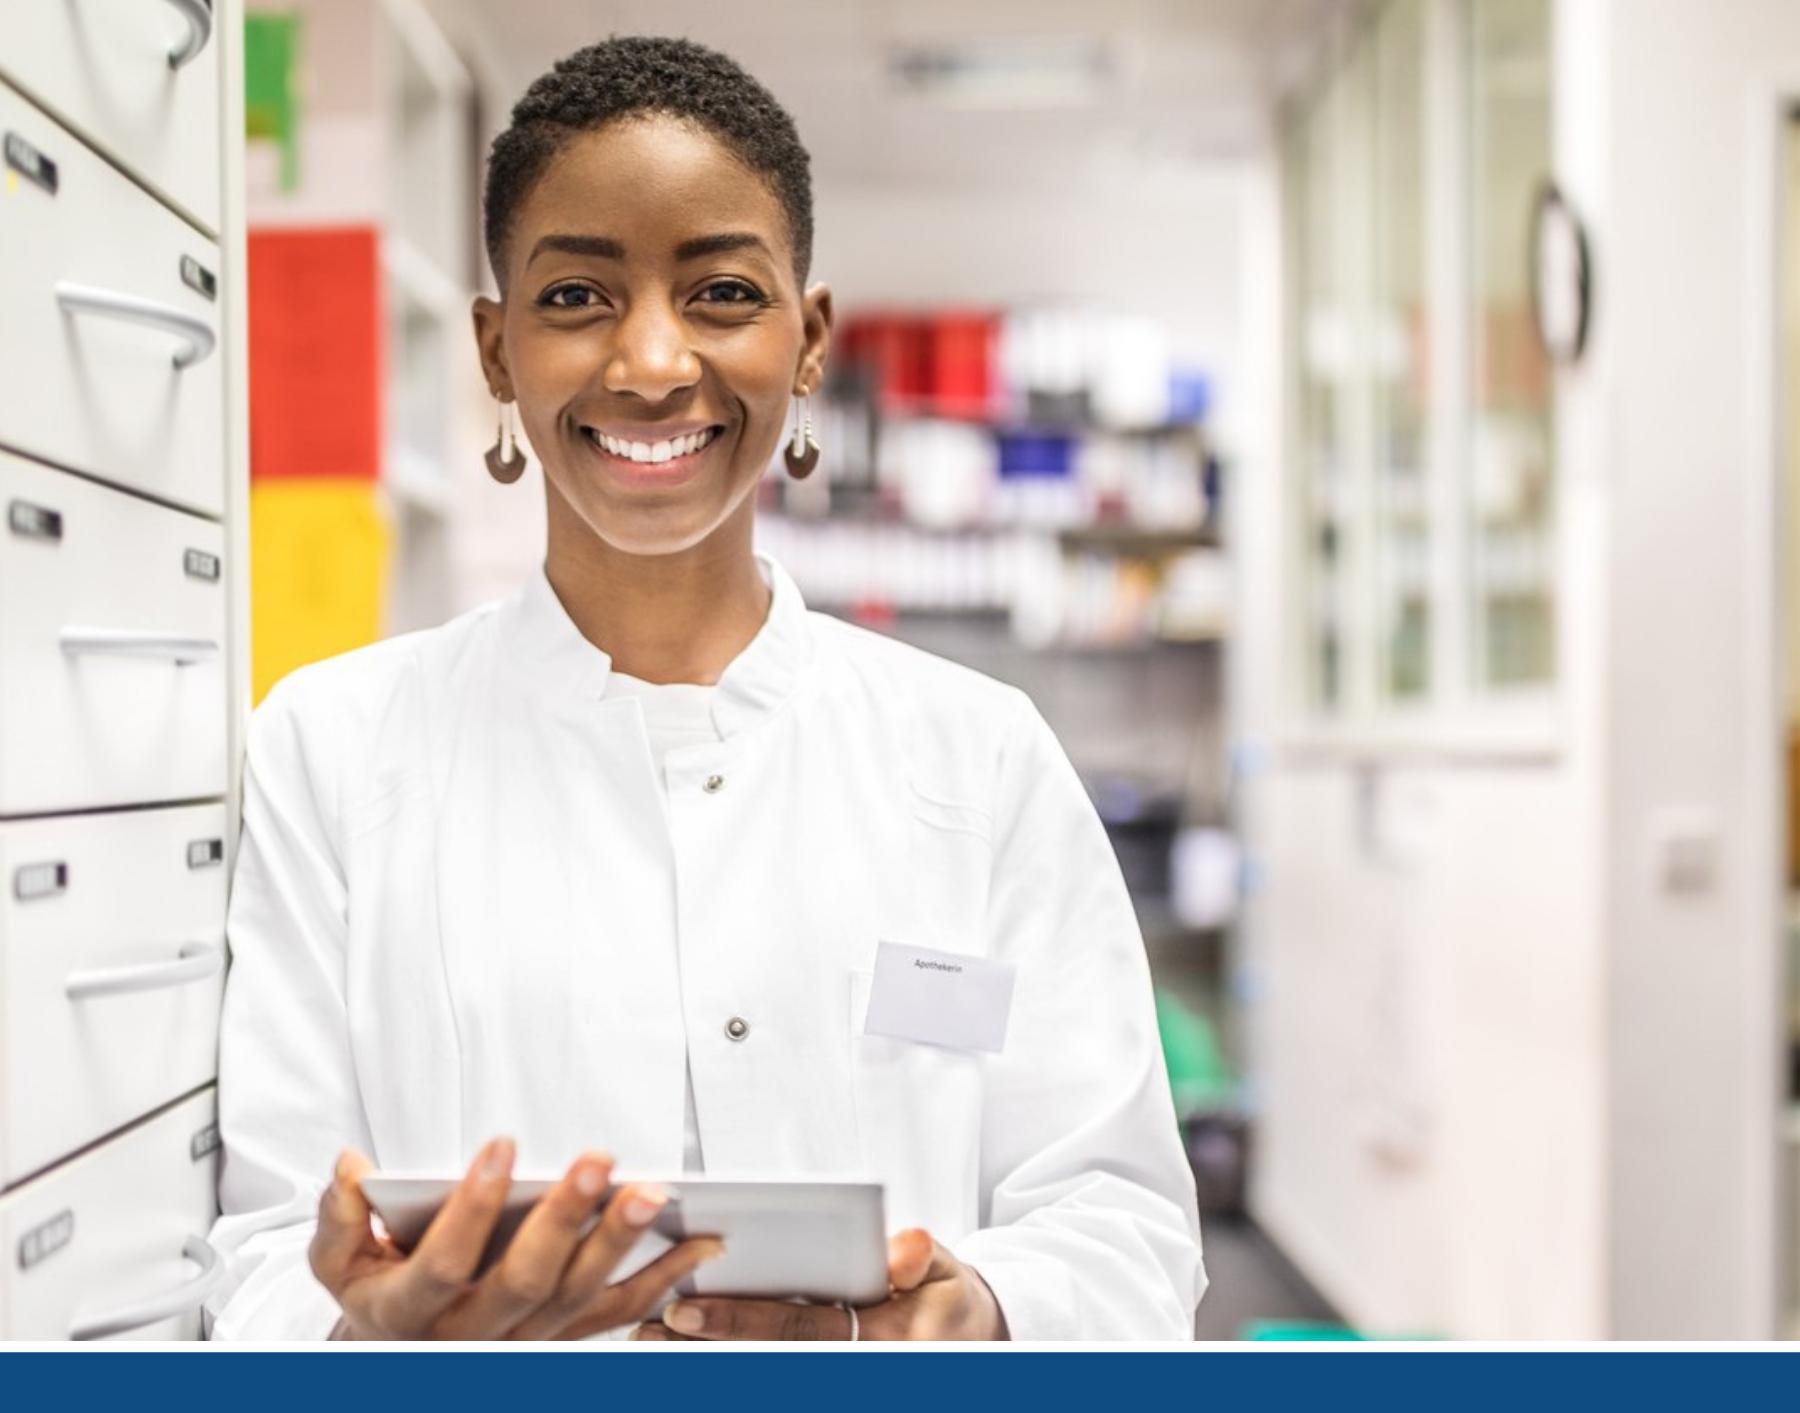 pharmacist careers